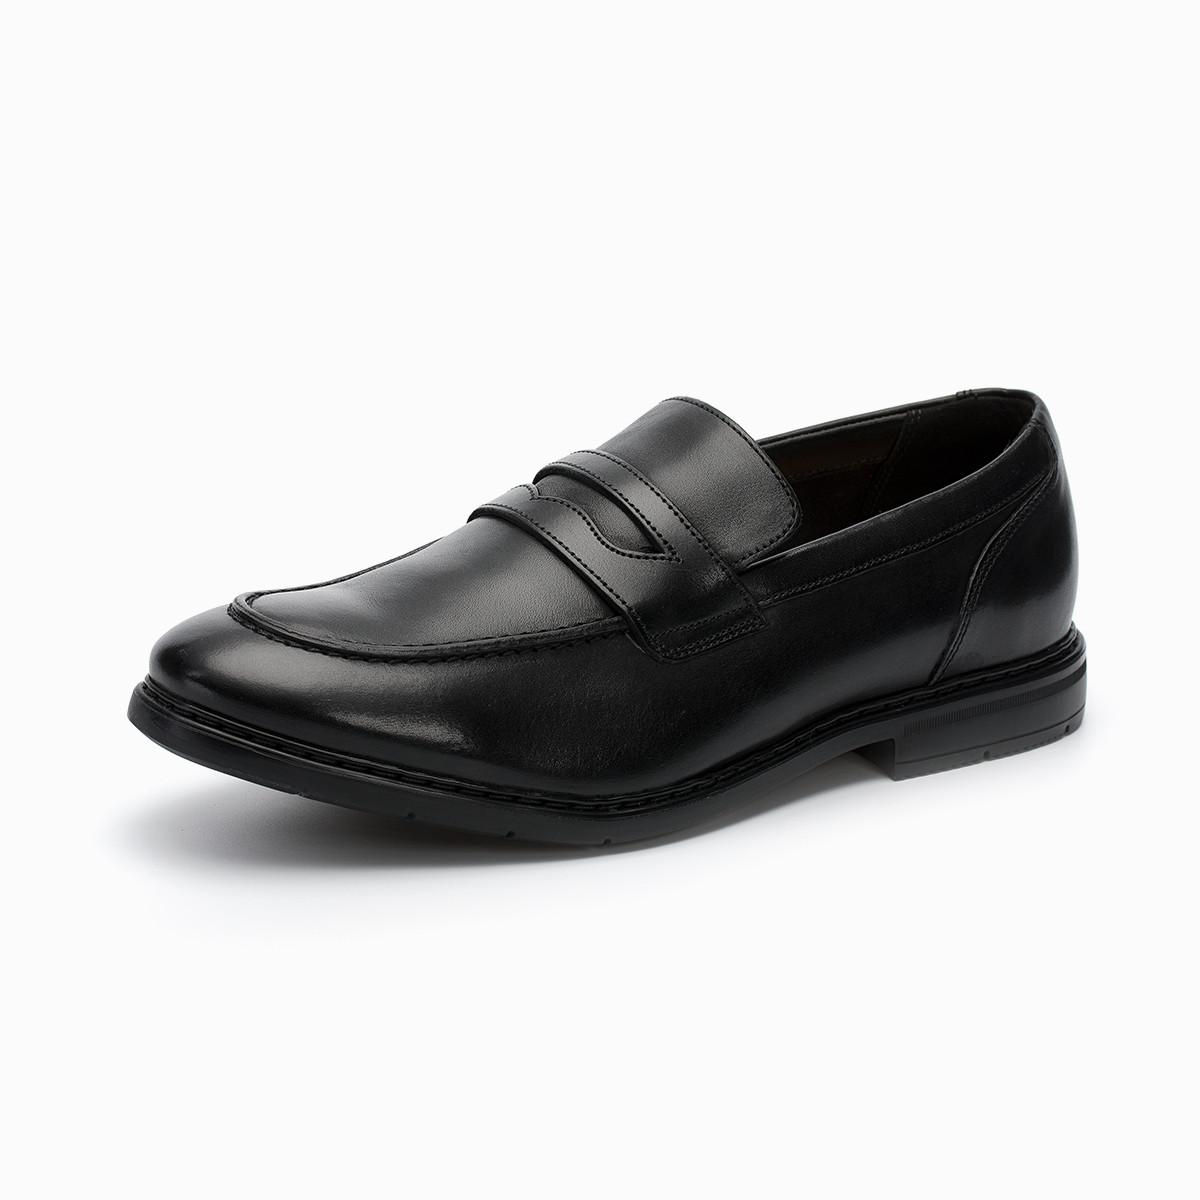 其乐男鞋休闲商务套脚便鞋Banbury Step时尚乐福皮鞋 261322557 黑色 40